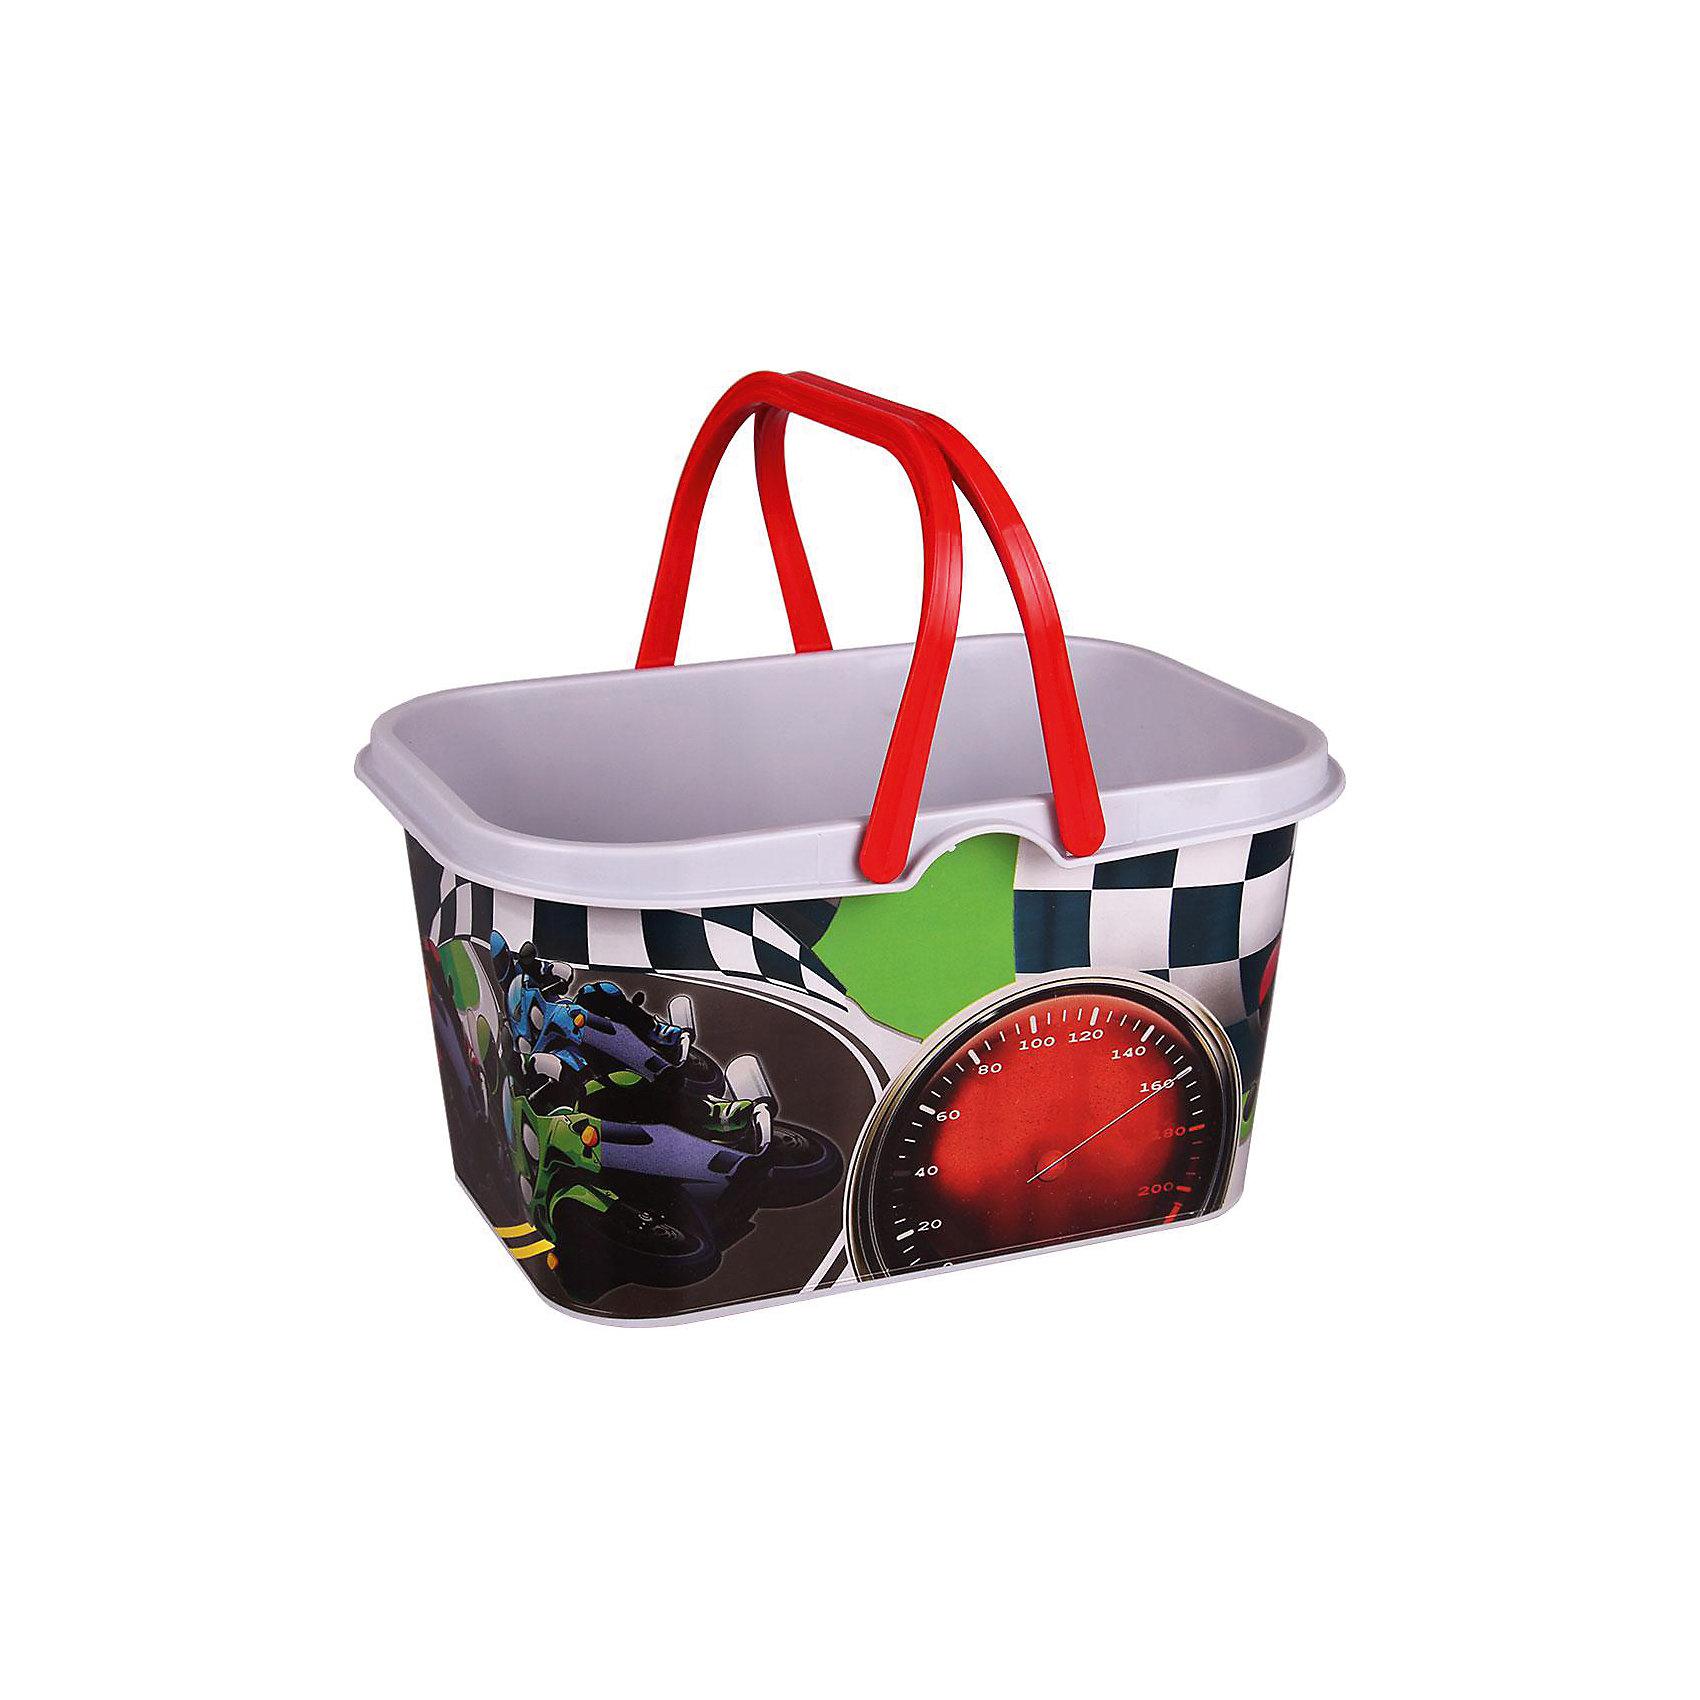 Корзина игрушечная Лидер 4,3л. с руч.,  AlternativaПорядок в детской<br>Корзина Лидер изготовлена из пластика и имеет две удобные ручки. В ней будет удобно хранить игрушки или различные мелочи. Яркий рисунок с гонками точно не оставит ребенка равнодушным!<br><br>Дополнительная информация:<br>Материал: пластик<br>Объем: 4,3 л<br>Размер: 25,6х17,5х13 см<br><br>Корзину Лидер можно приобрести в нашем интернет-магазине.<br><br>Ширина мм: 256<br>Глубина мм: 175<br>Высота мм: 130<br>Вес г: 164<br>Возраст от месяцев: 36<br>Возраст до месяцев: 144<br>Пол: Унисекс<br>Возраст: Детский<br>SKU: 4979737